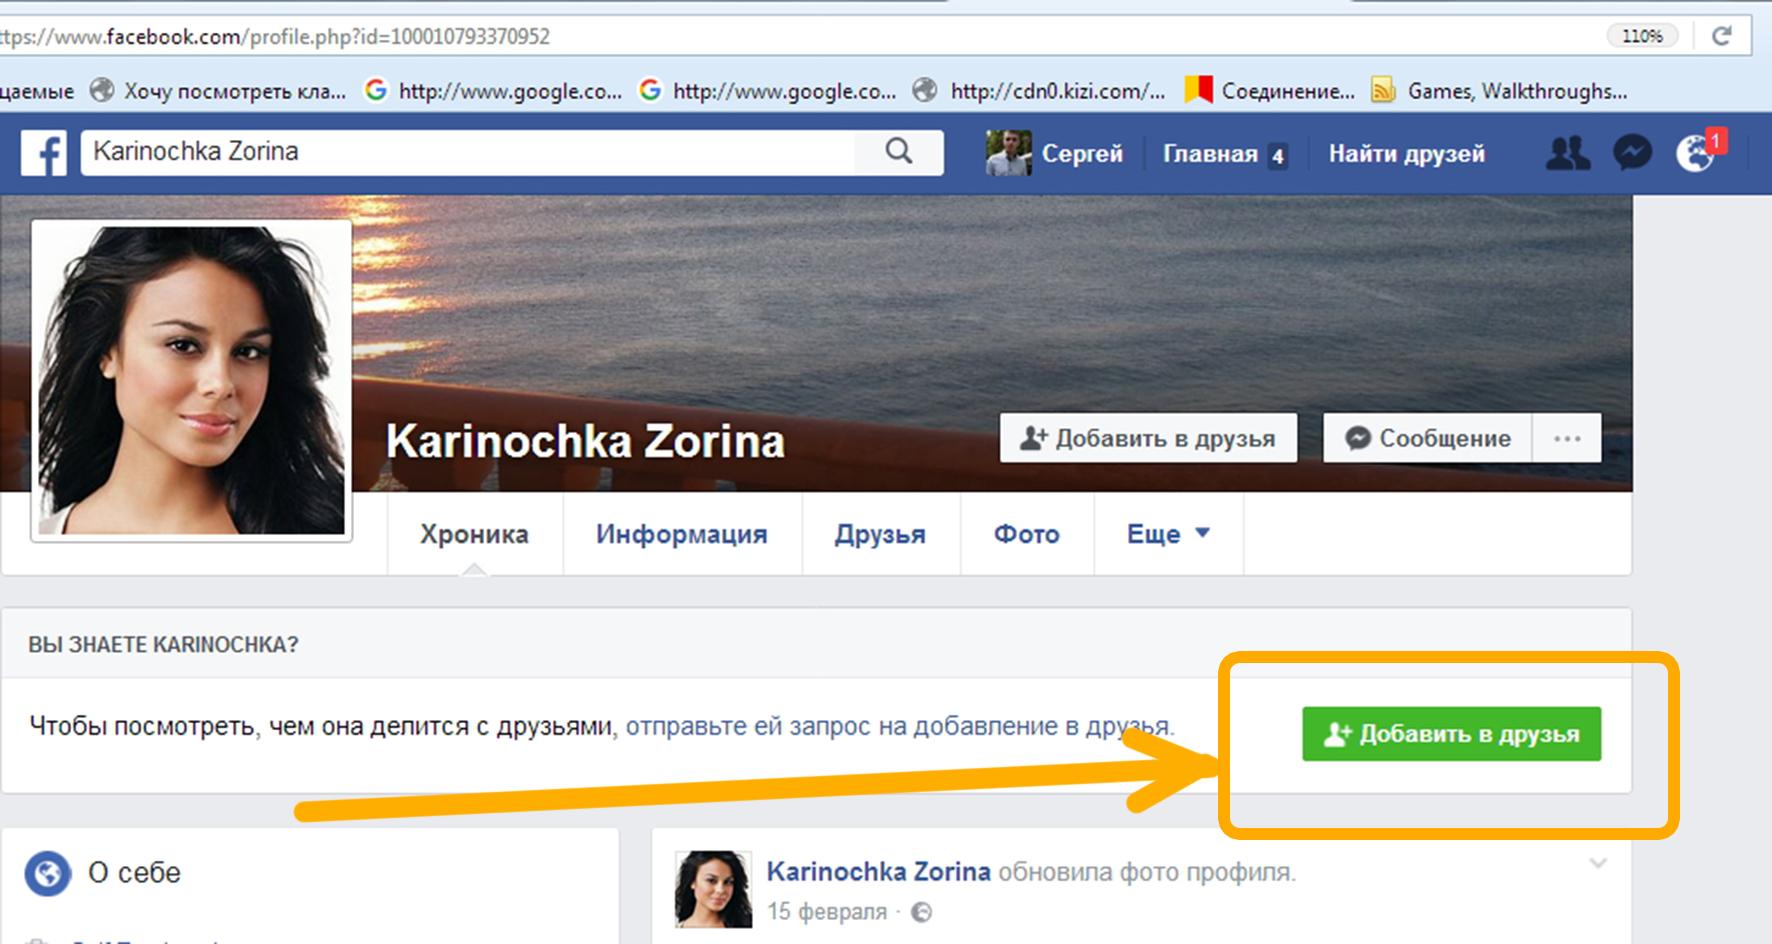 Мой аккаунт в Фейсбук и кнопка, нажав на которую, можно добавить в друзья